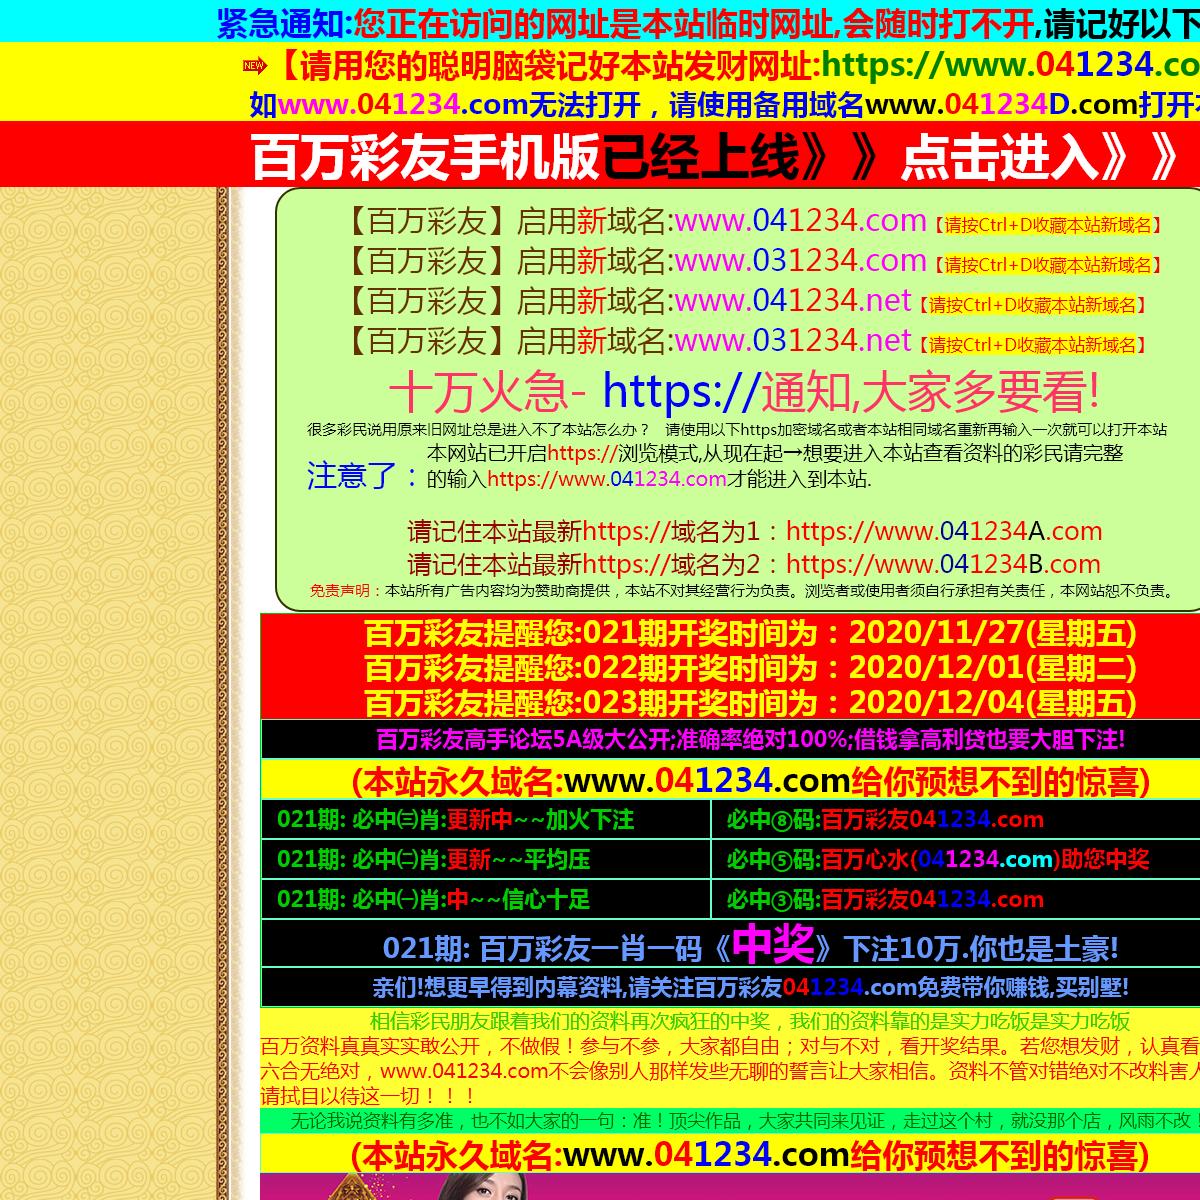 白小姐资料,白小姐开奖结果,香港白小姐马会料网,www.886gp.com,www.49288a.com